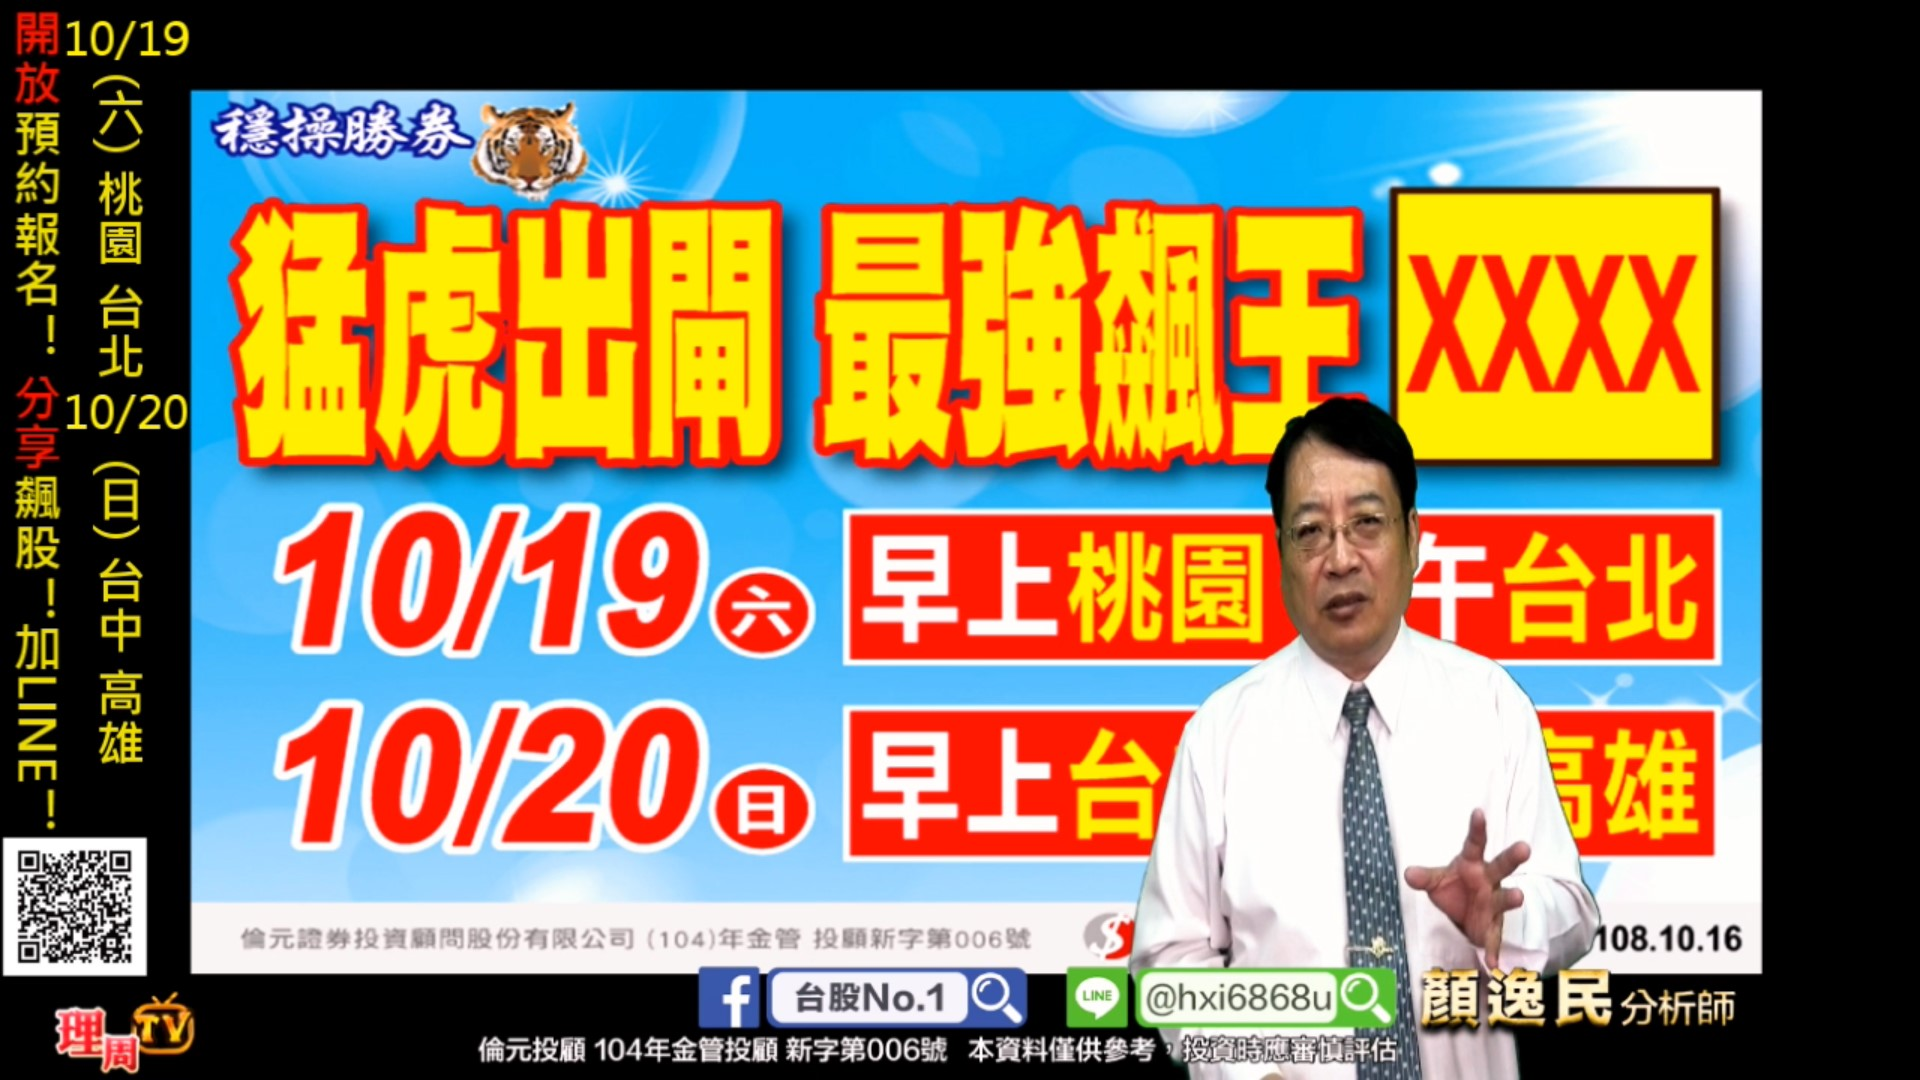 10/19(六) 桃園 台北 10/20(日) 台中 高雄 開放預約報名! 分享飆股!加LINE!